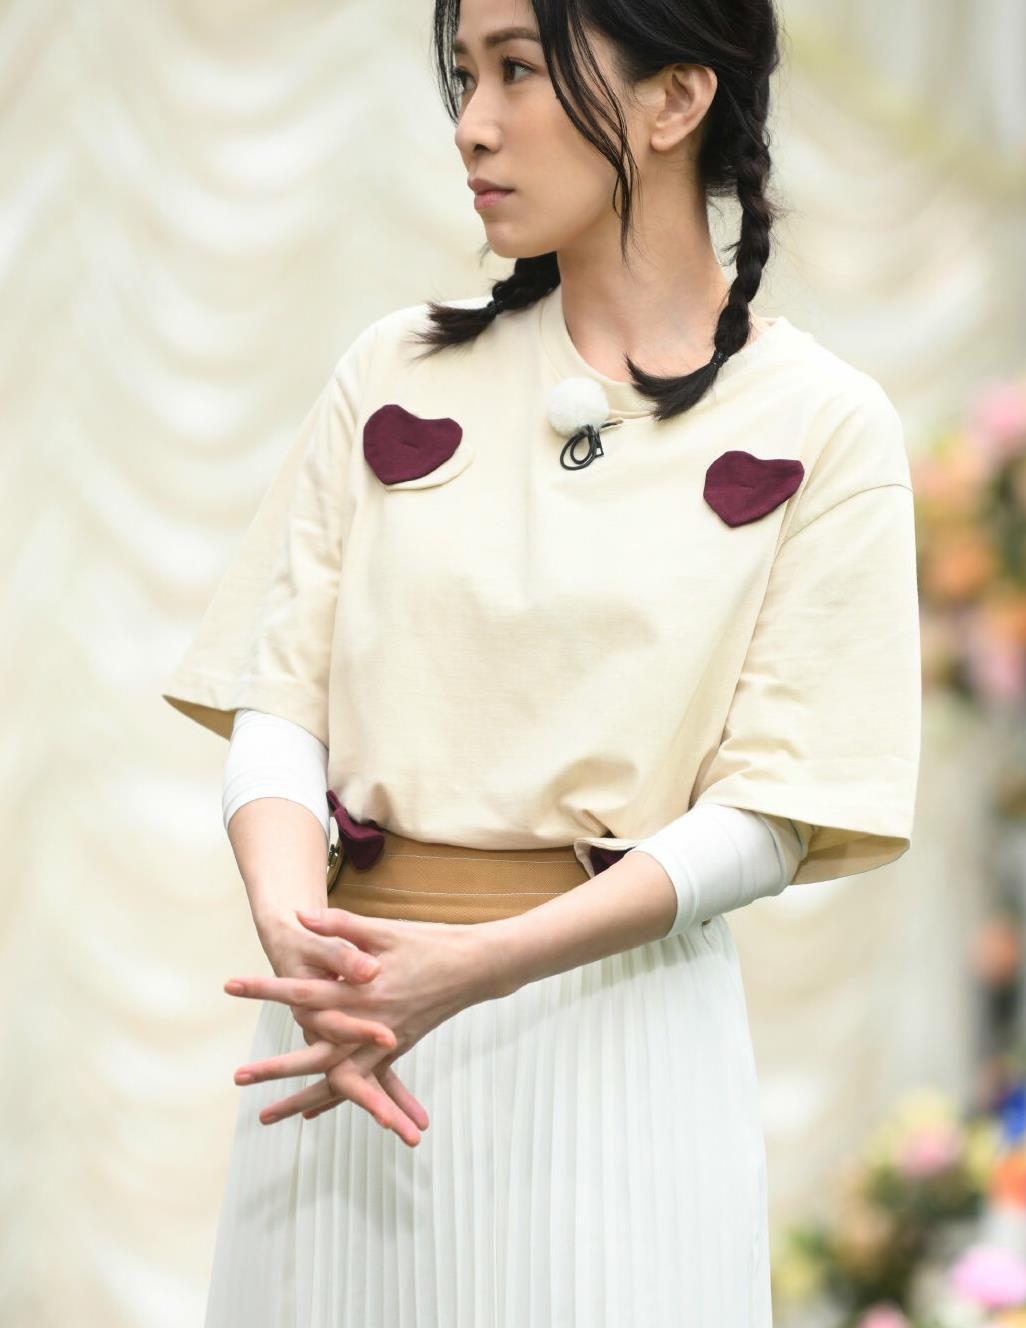 44岁佘诗曼麻花辫录节目,杏色T恤配百褶裙很少女,美得像小姑娘